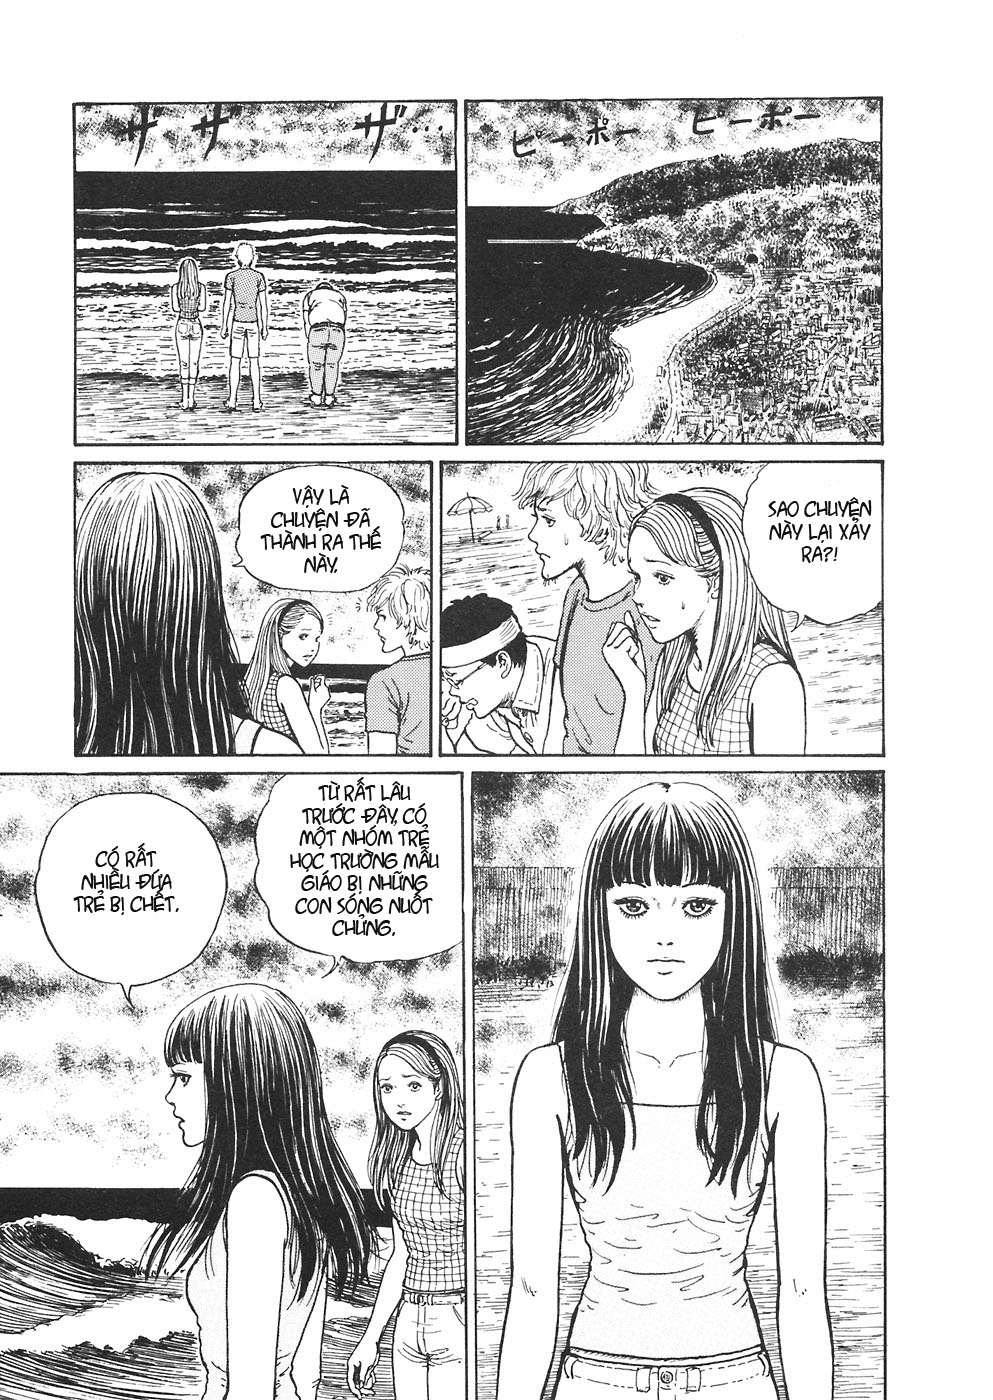 Mimi no Kaidan chap 4: bờ biển trang 29